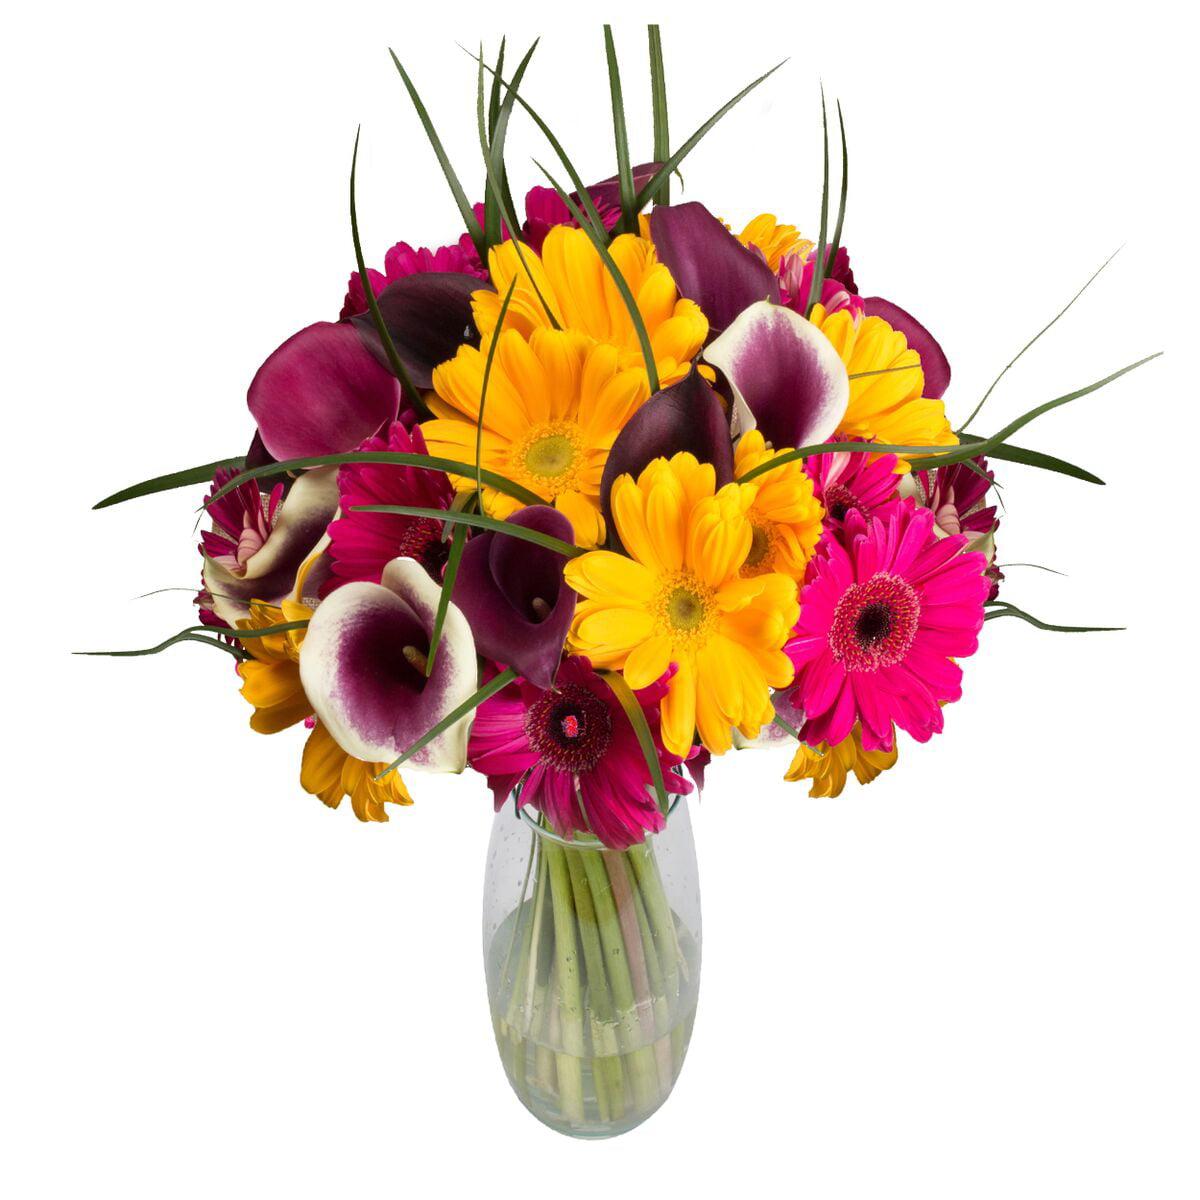 Violet Divinity Bouquet - 32 Stems